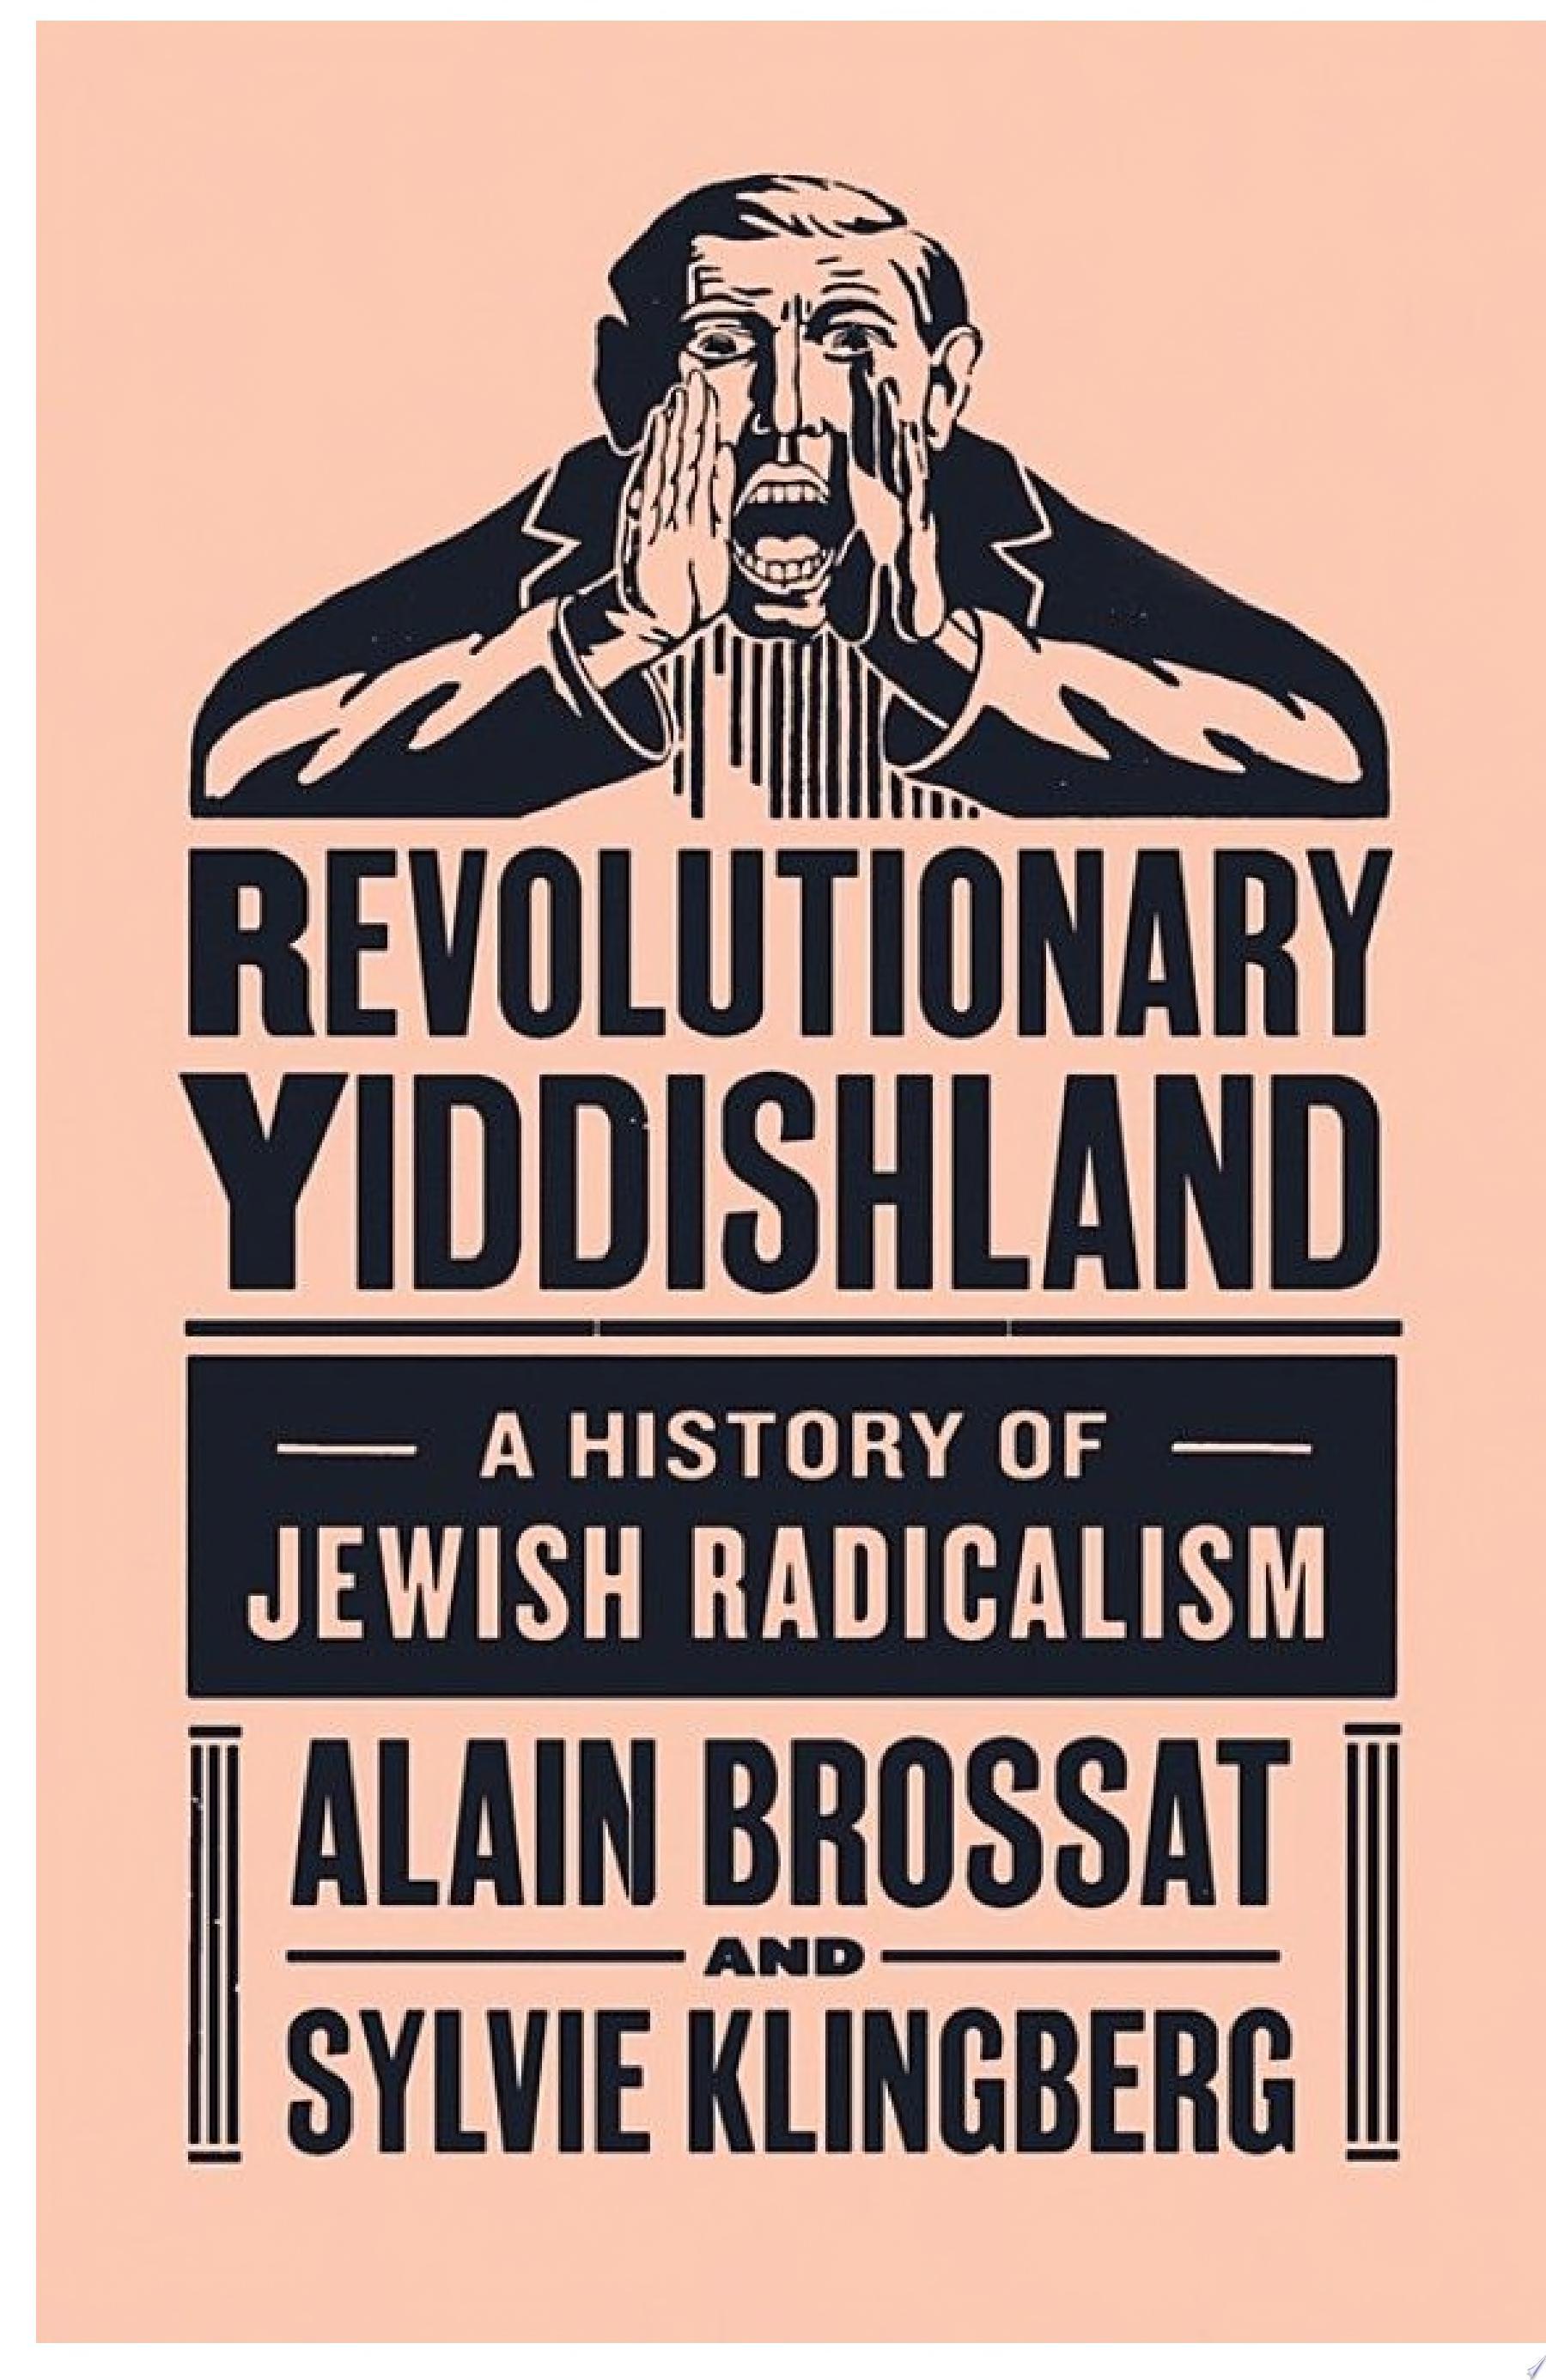 Revolutionary Yiddishland